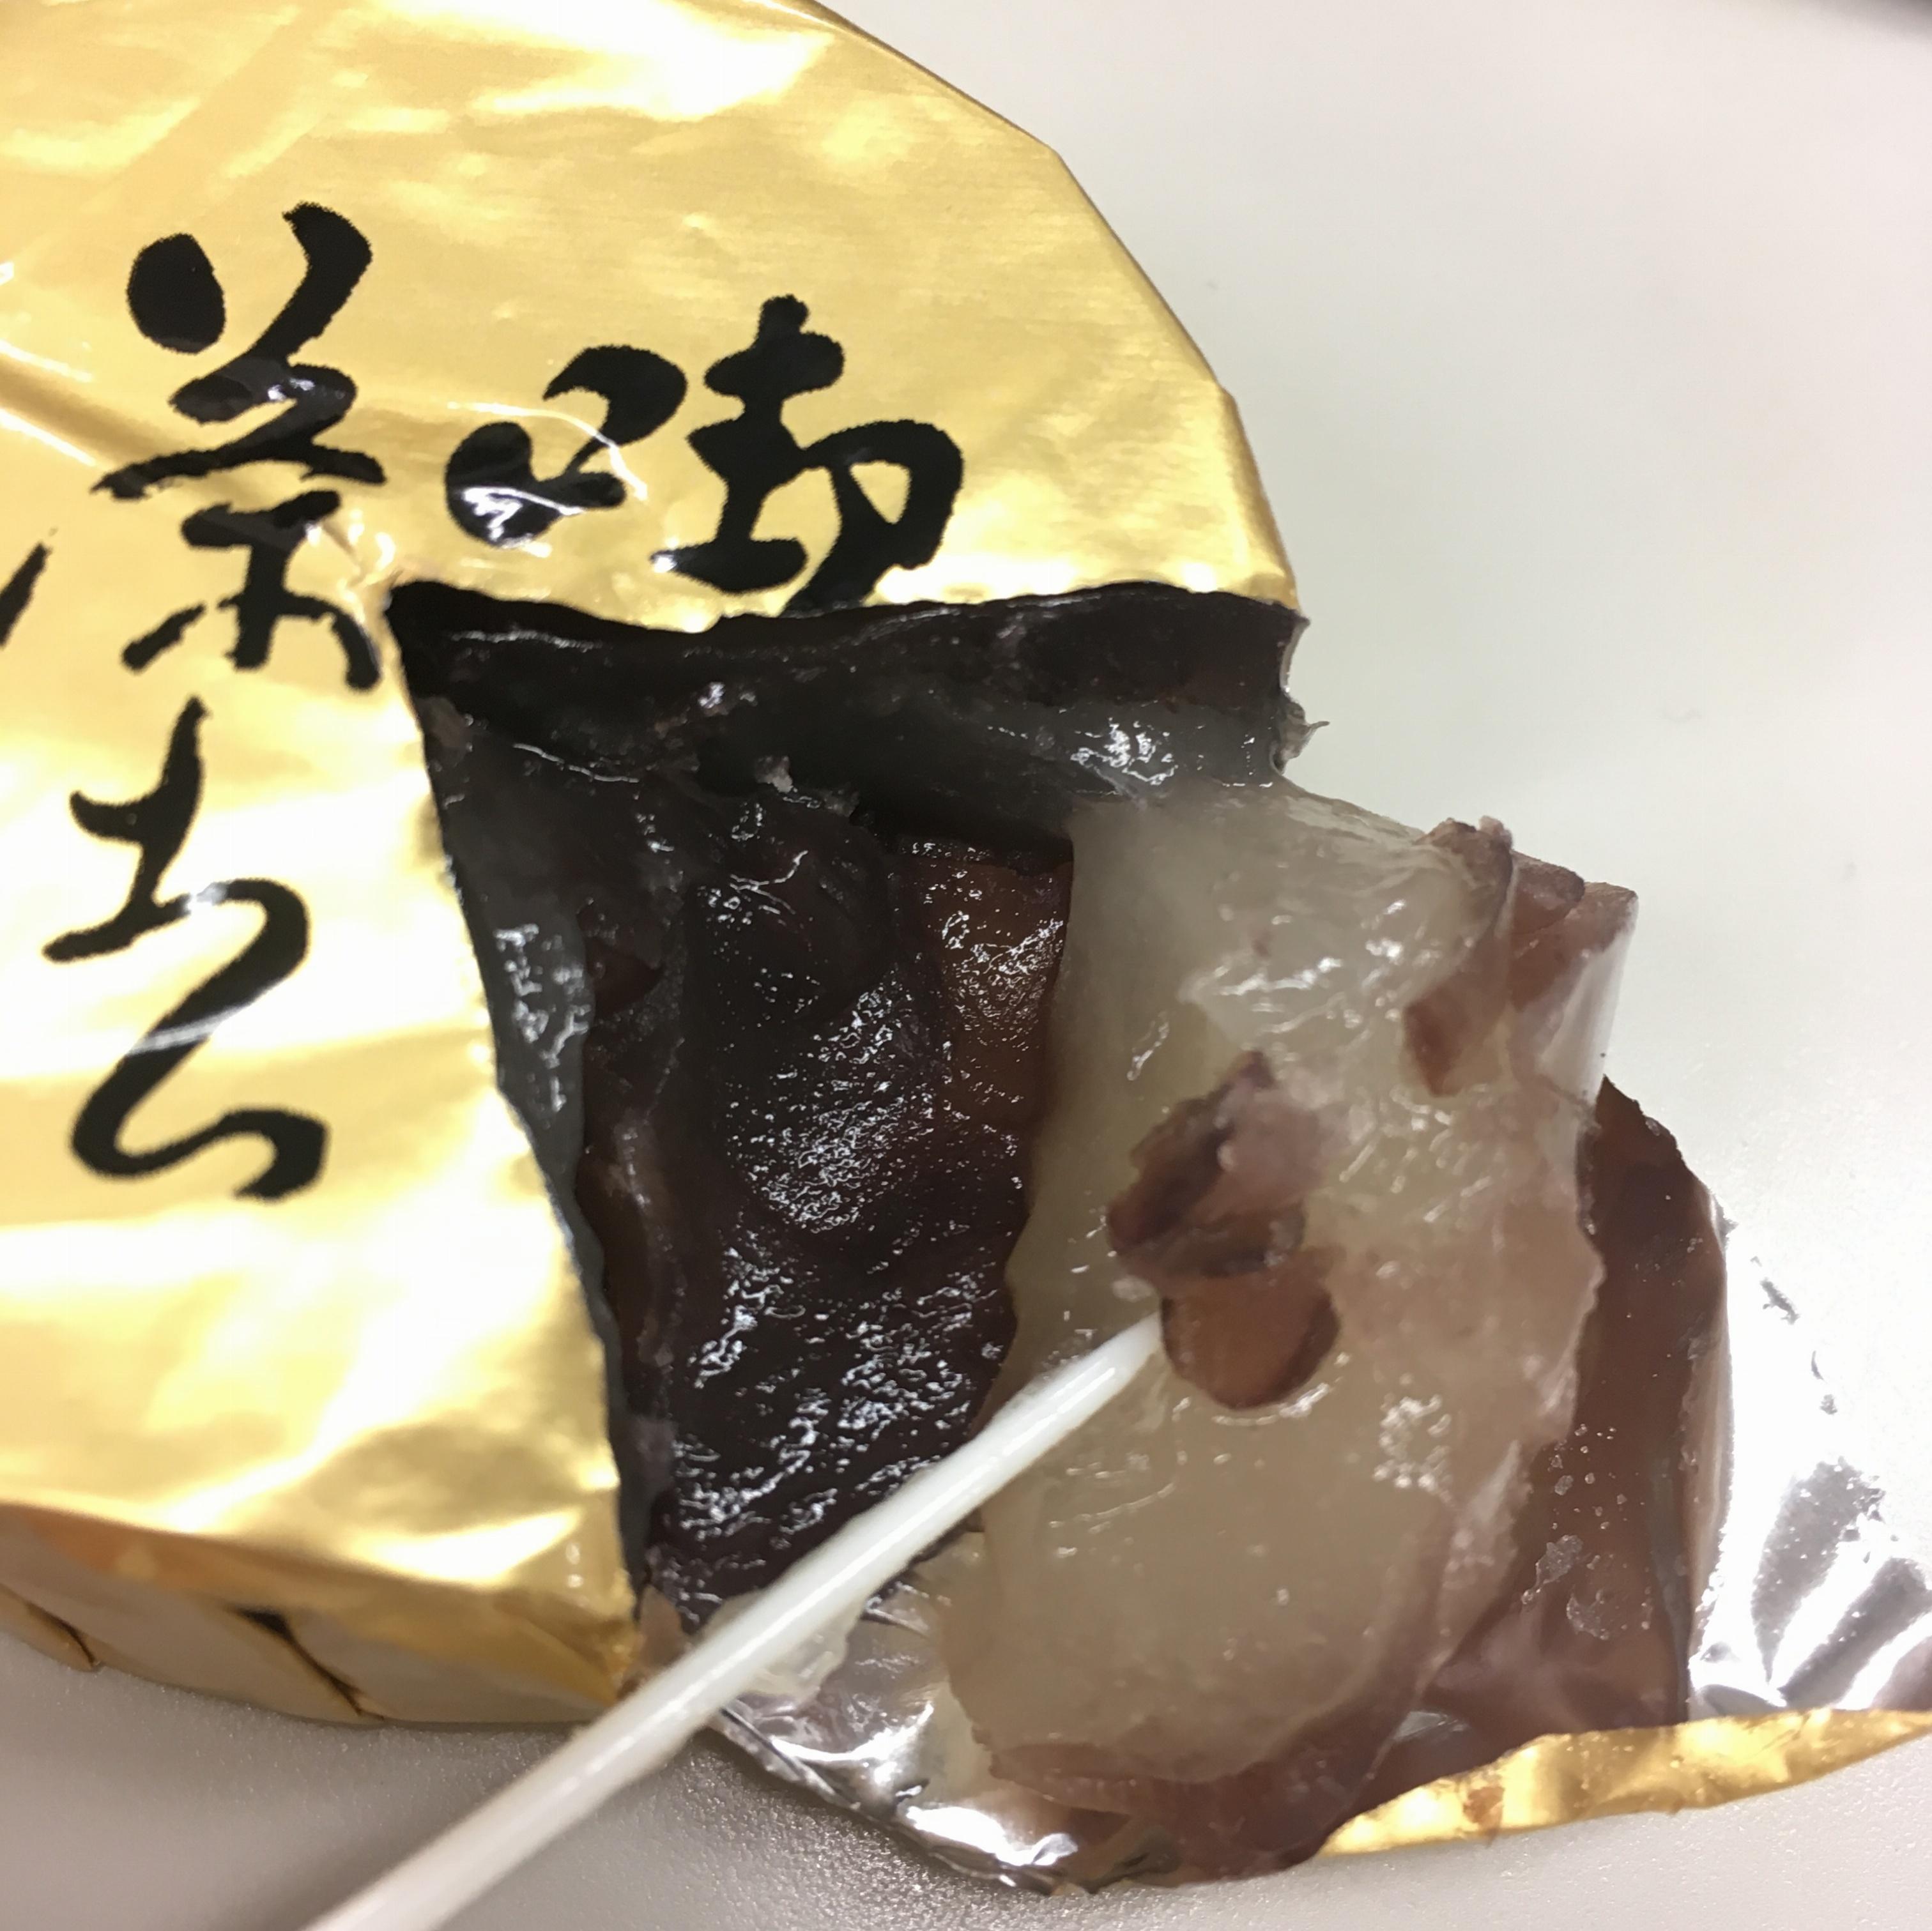 え、ベーコンジャム?最近のアメリカトレンド商品♡日本にはまだない!これから日本で流行るかも!?_4